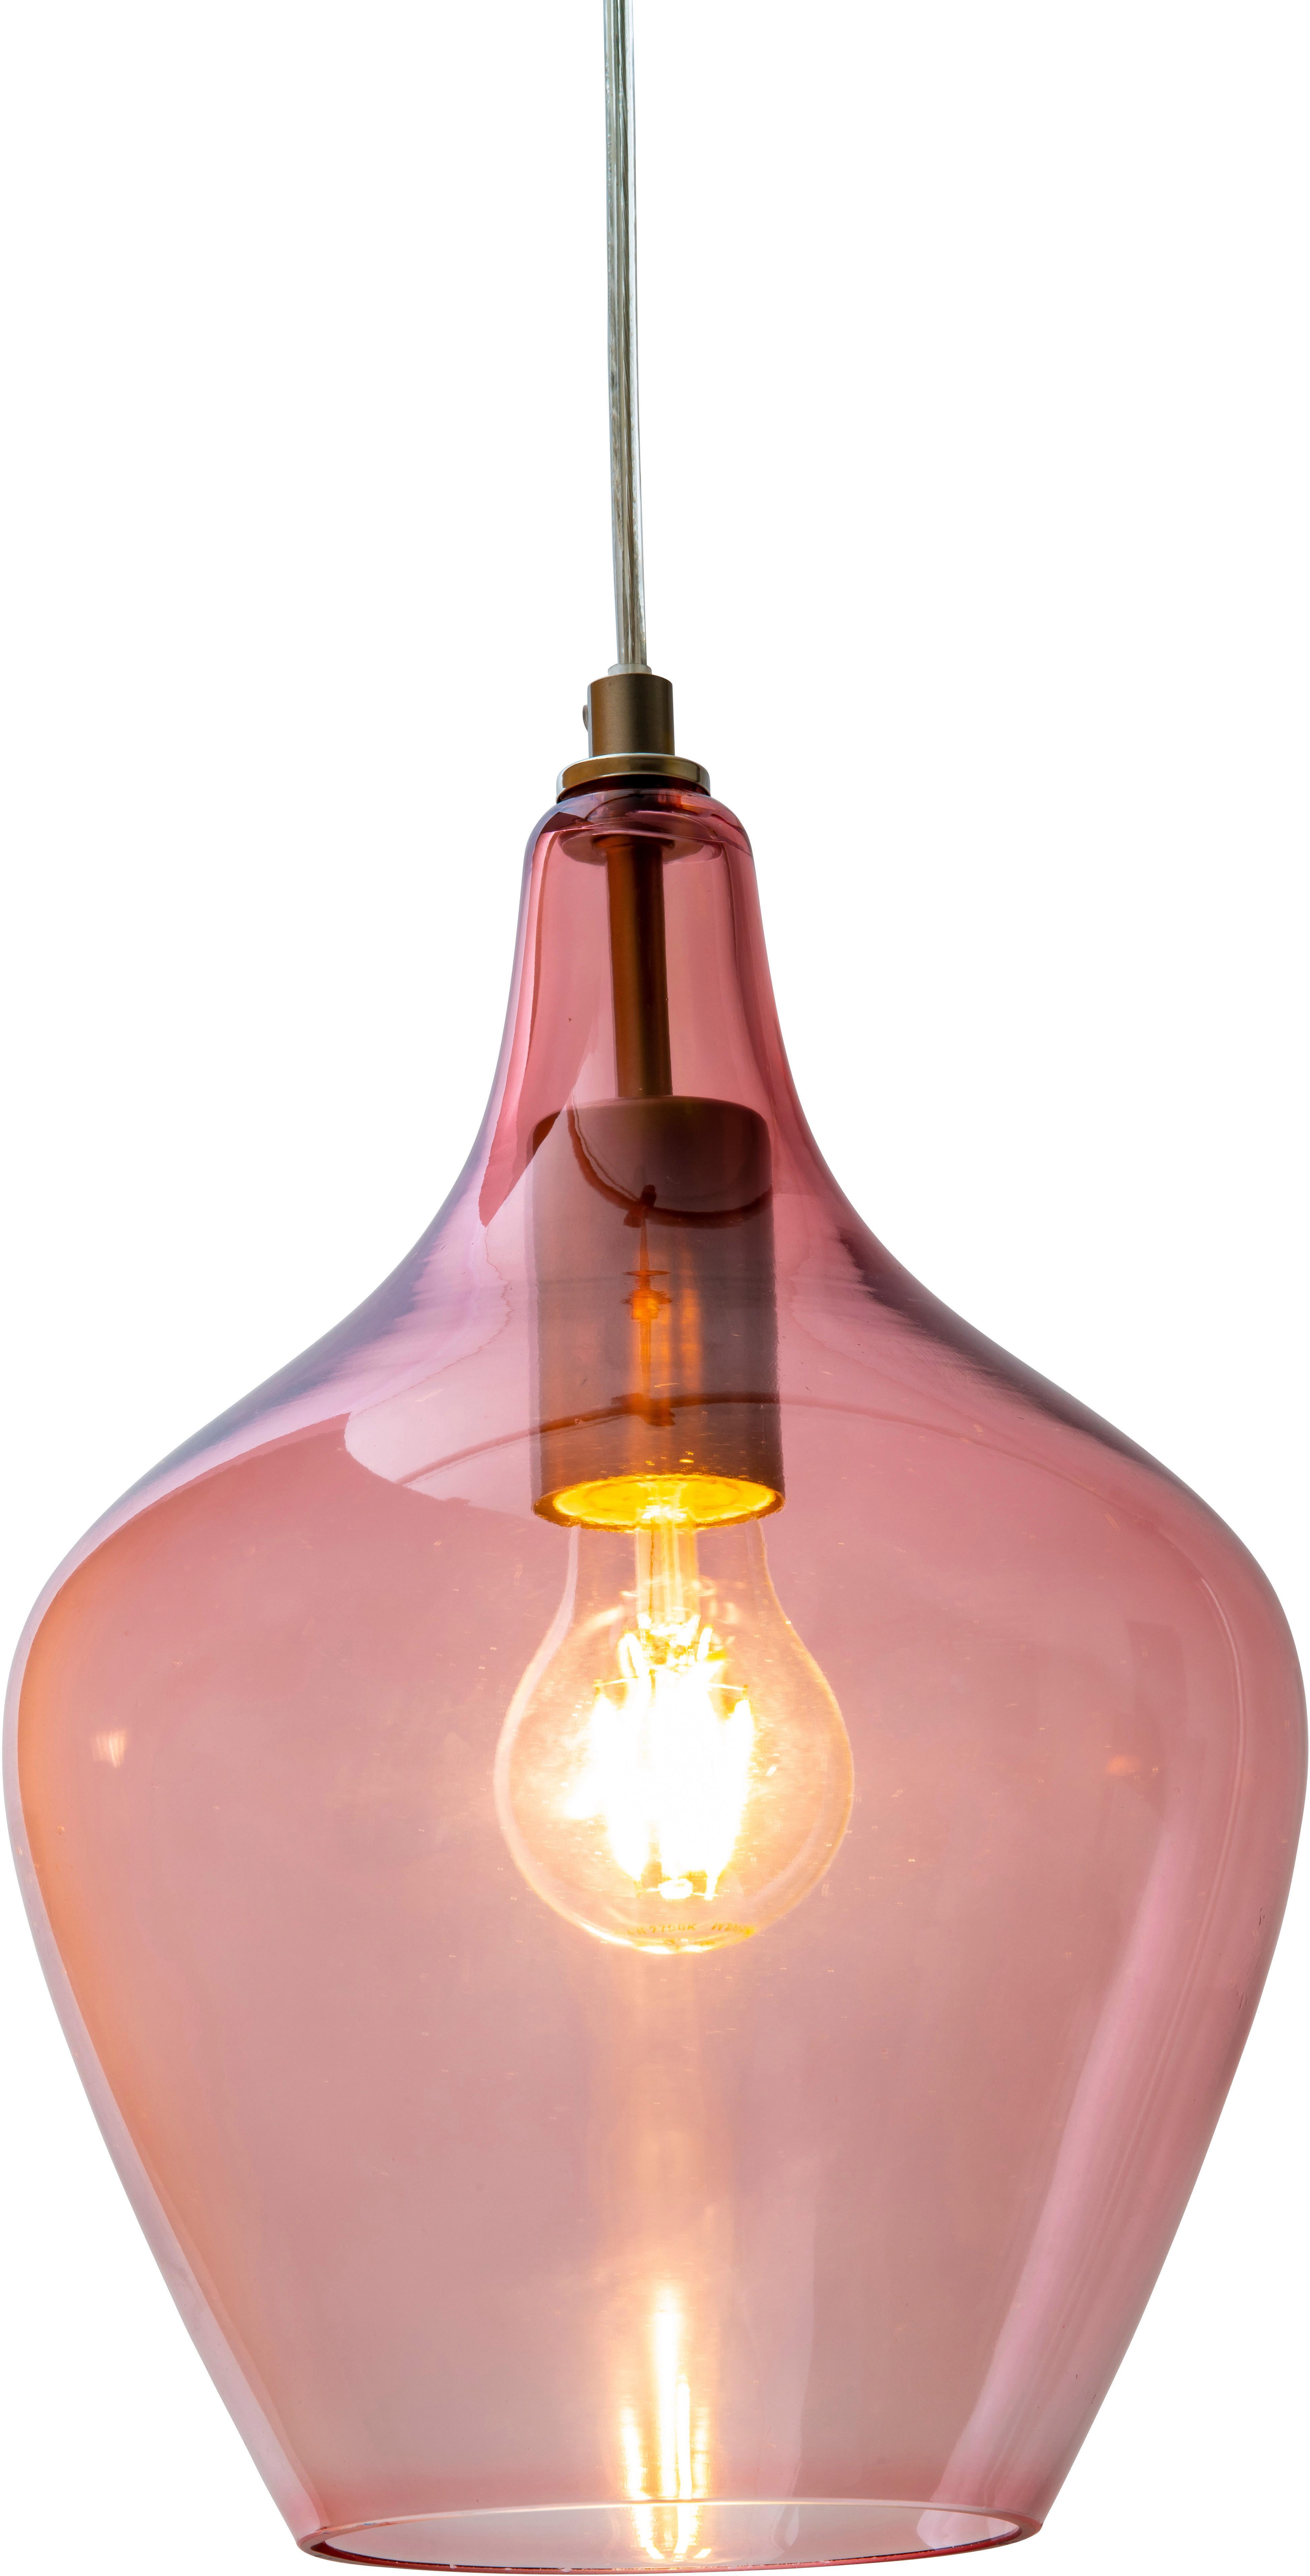 Nino Leuchten,LED Pendelleuchte PASO